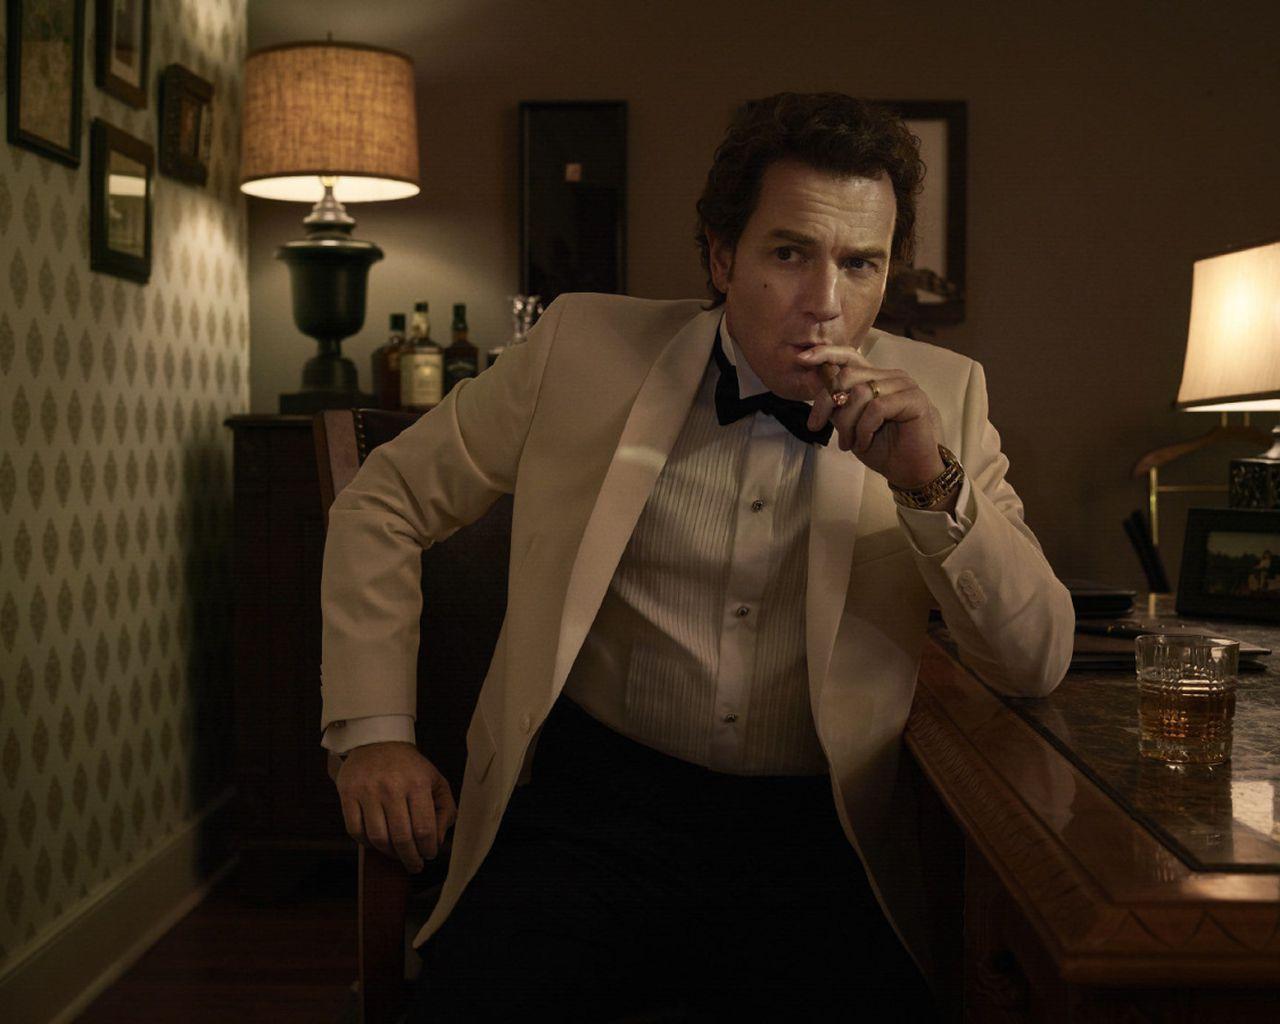 Den andra av McGregors roller i Fargo